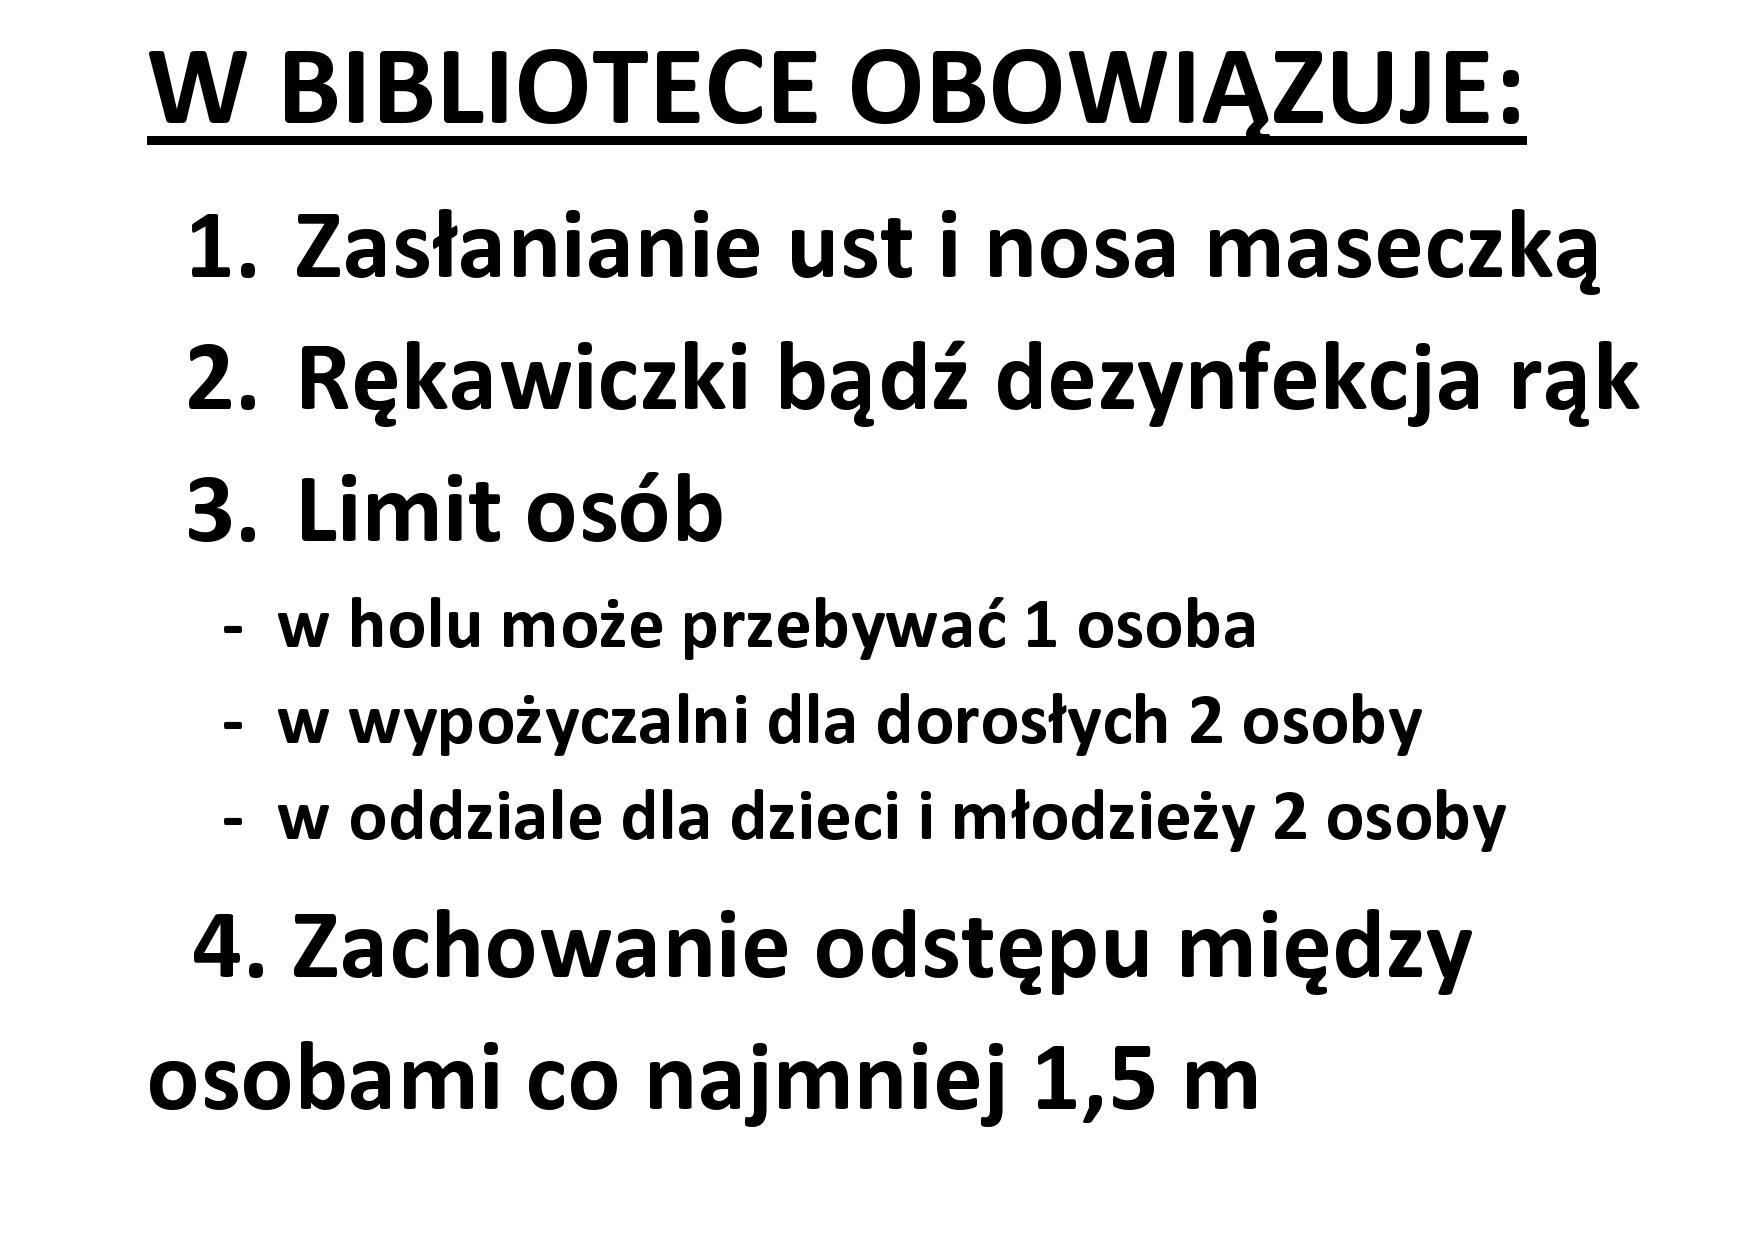 Zasady obowiązujące w bibliotece od 10 maja